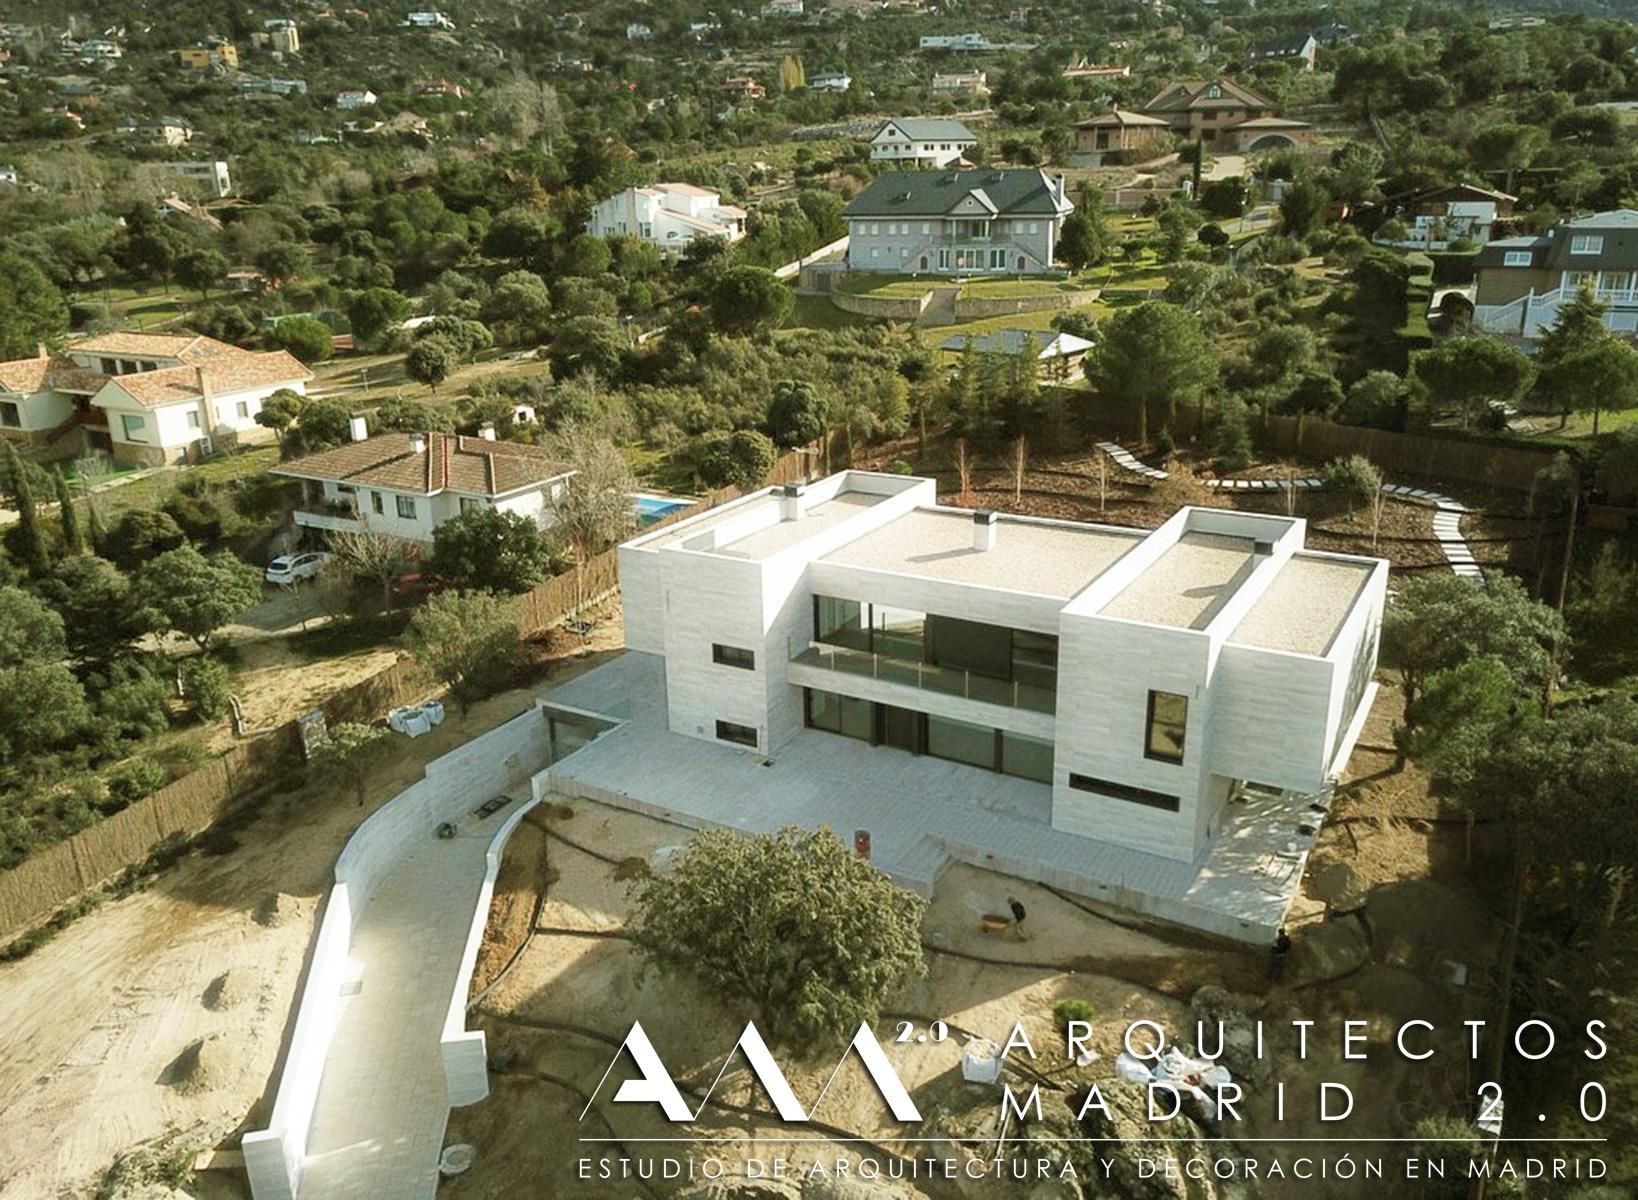 proyecto-construccion-arquitectos-vivienda-chalet-casas-de-diseno-01